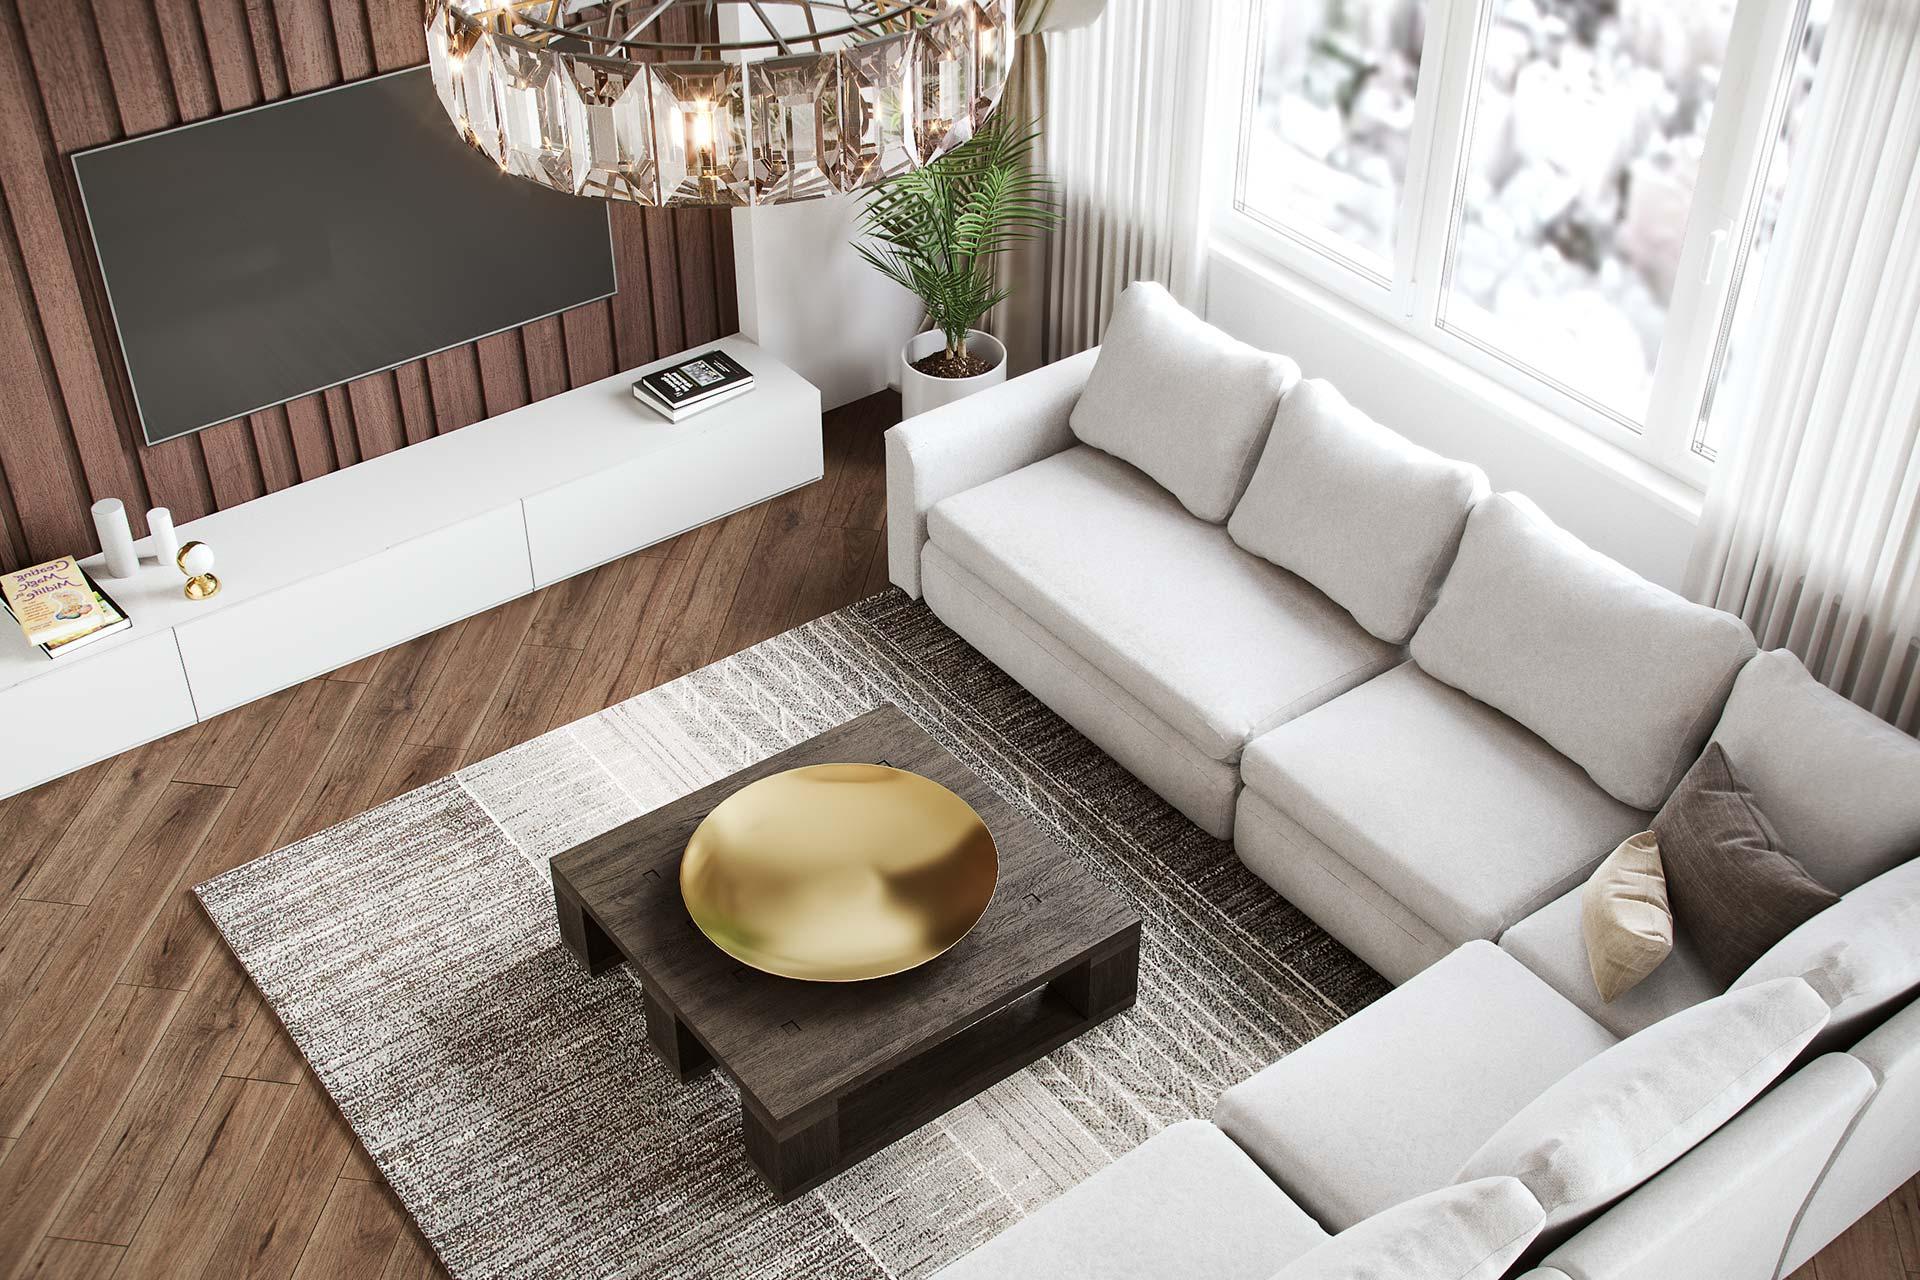 Дизайн интерьера 3-х комнатной квартиры в ЖК Лица | Современный стиль